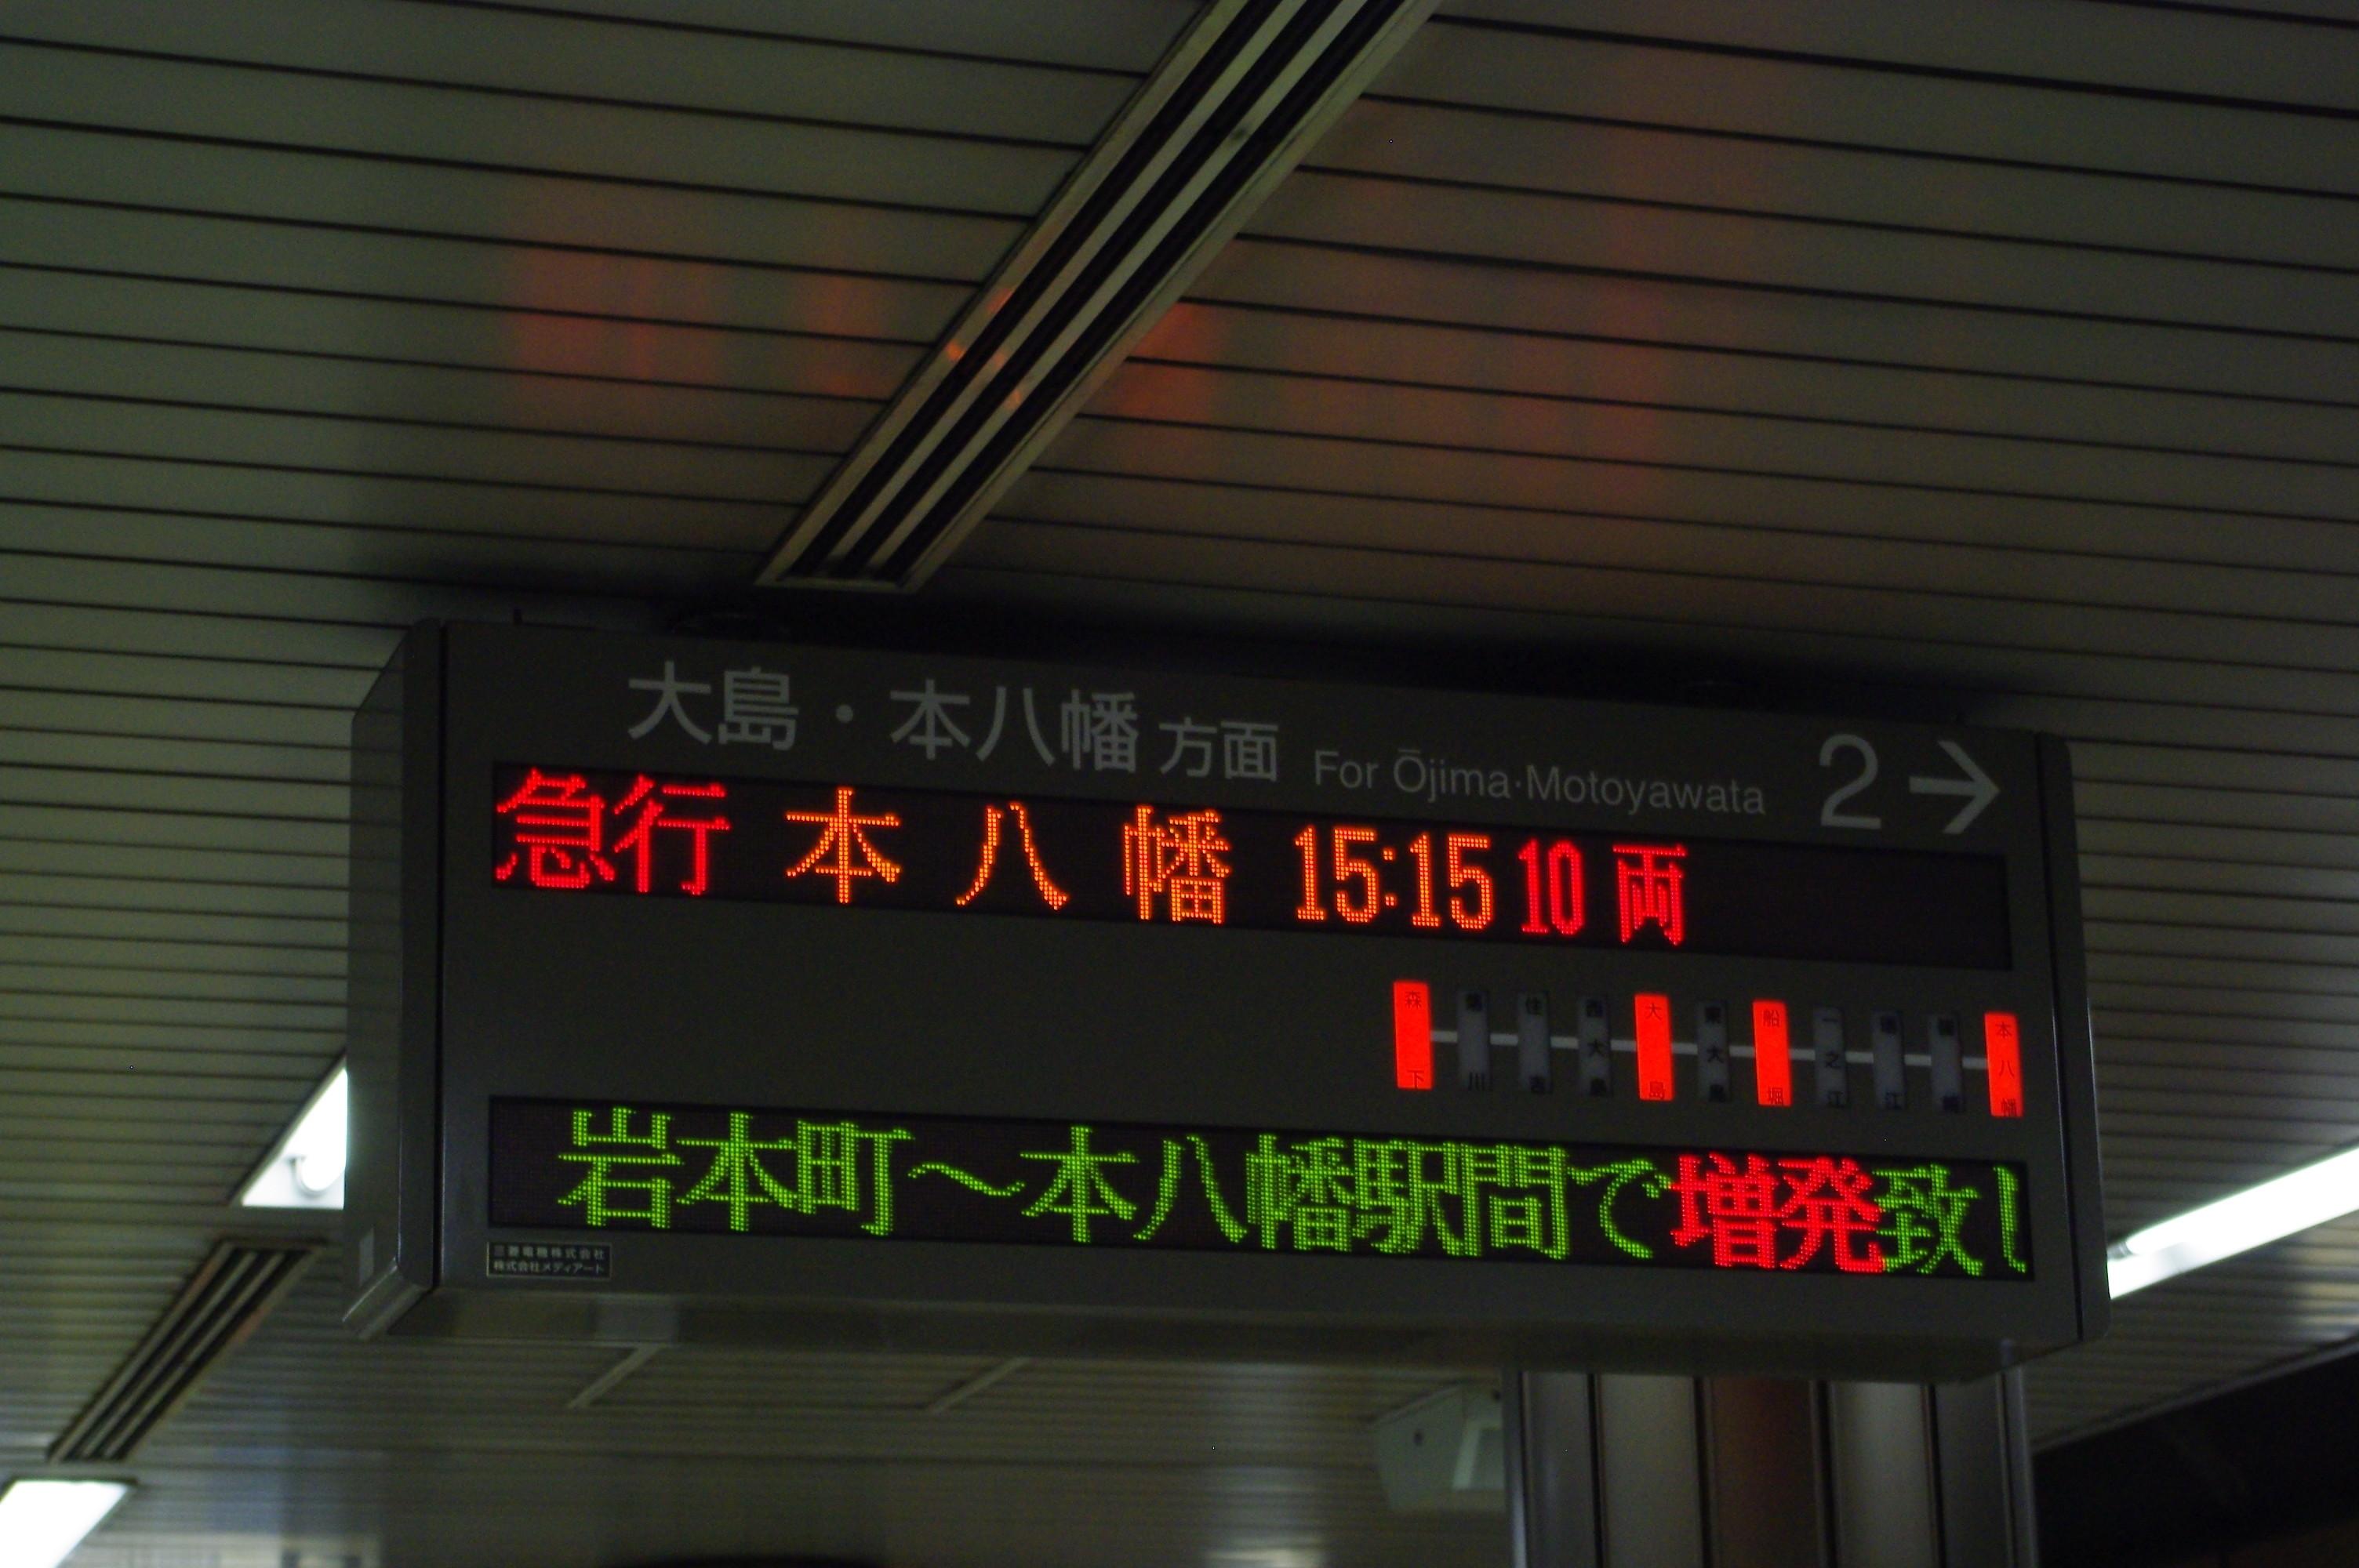 http://livedoor.blogimg.jp/a1477m/imgs/b/5/b58dc5e4.JPG